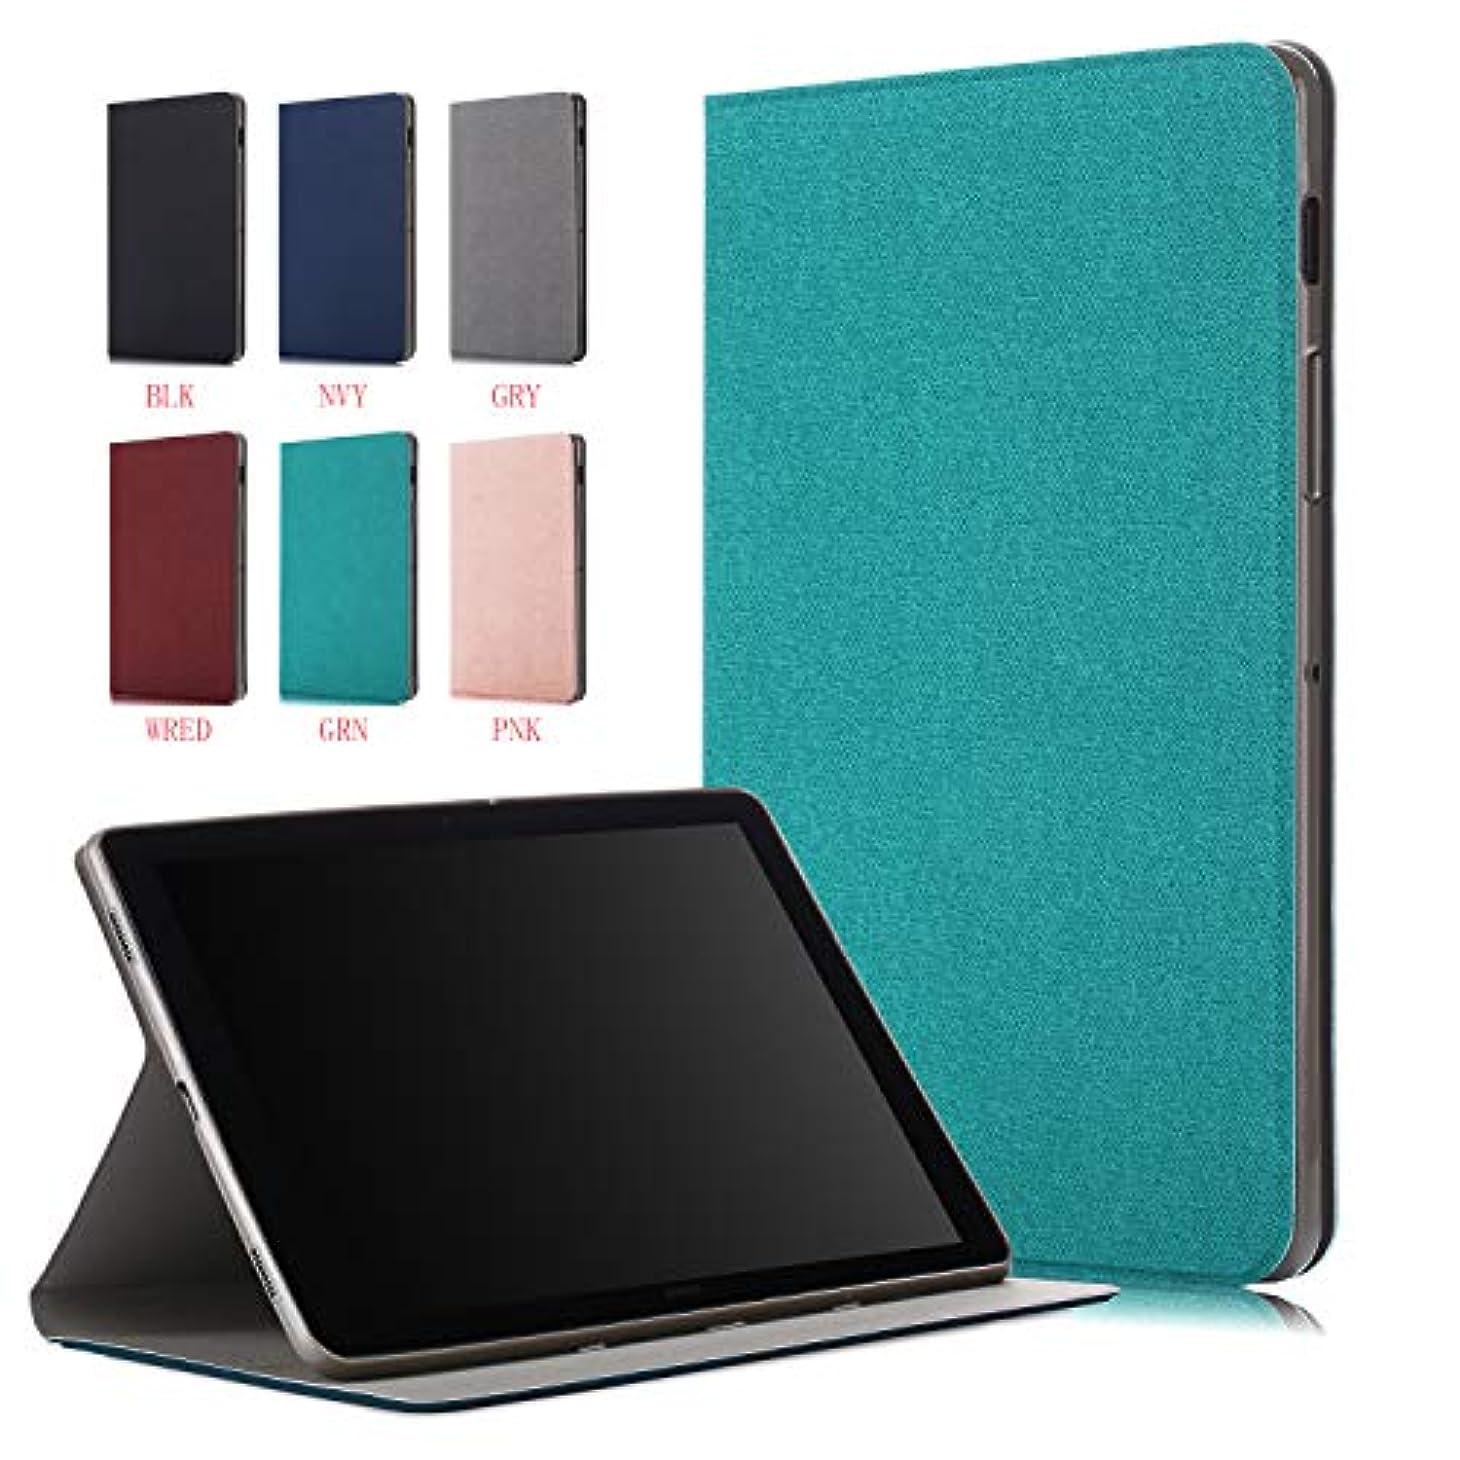 医薬品味付け多様体【E-COAST】Galaxy Tab S5e(SM-T720/SM-T725) 専用ケース 折畳式 超薄型 オートスリープ対応 TPU保護ケース一個付+液晶ガラスフィルム一枚付 (グリーン)